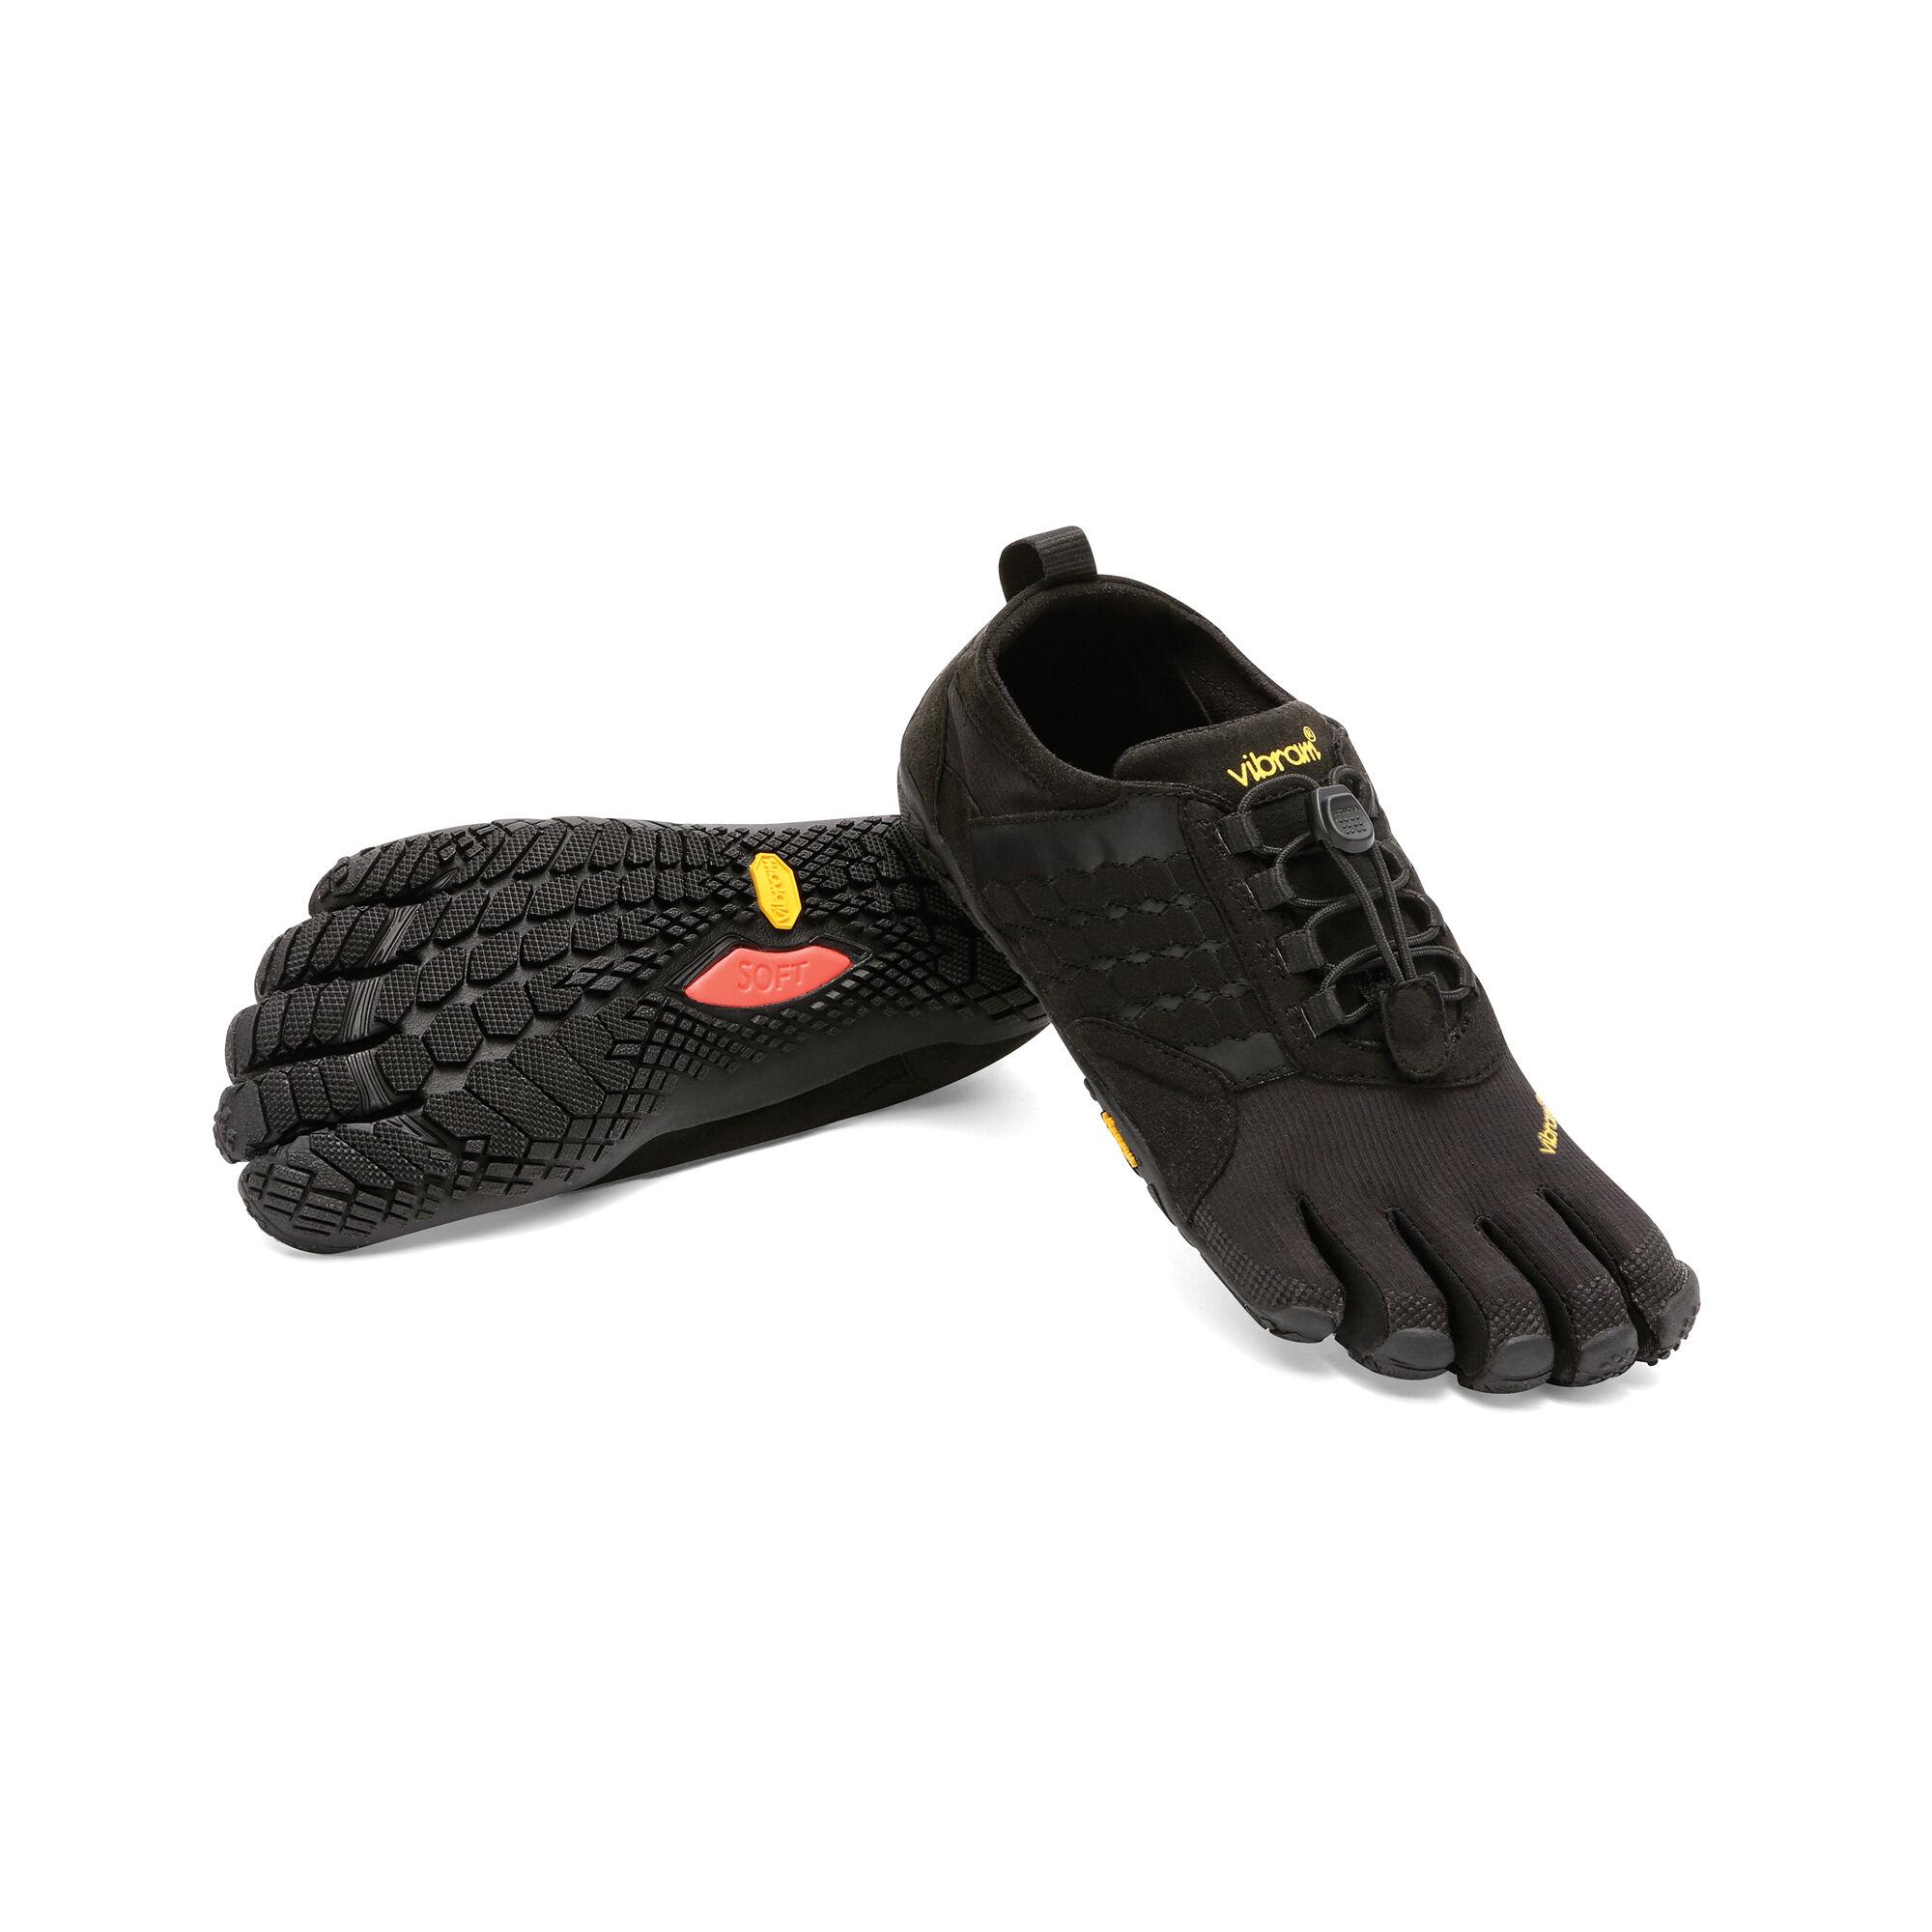 Vibram Fivefingers Trek Ascent Lr Womens Hiking Shoes Z52z3270